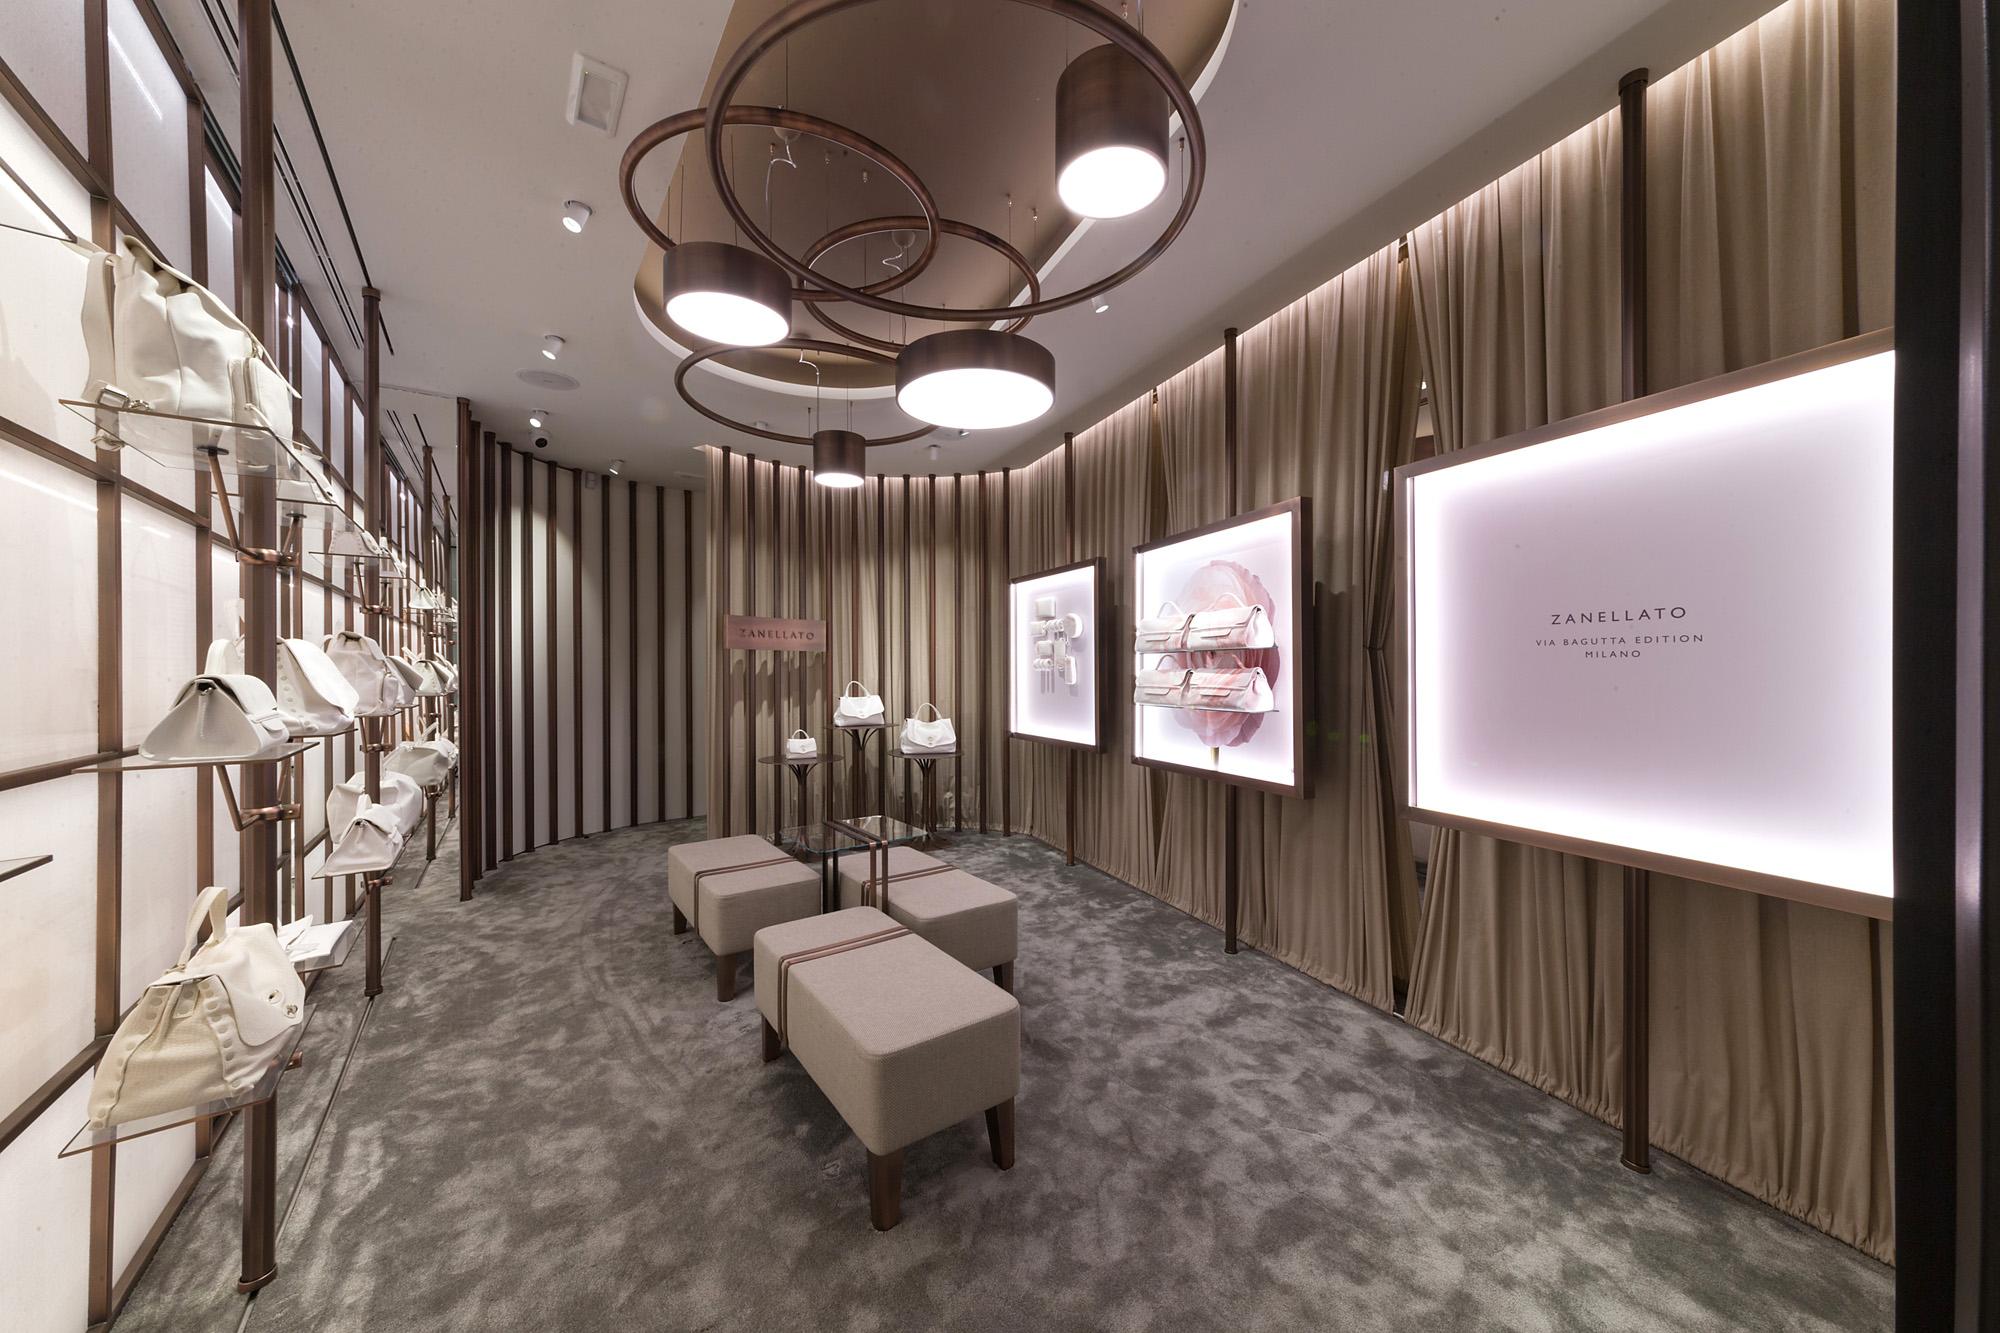 Architettura E Design architettura e design a firenze: ful incontra mrzarchitetti.